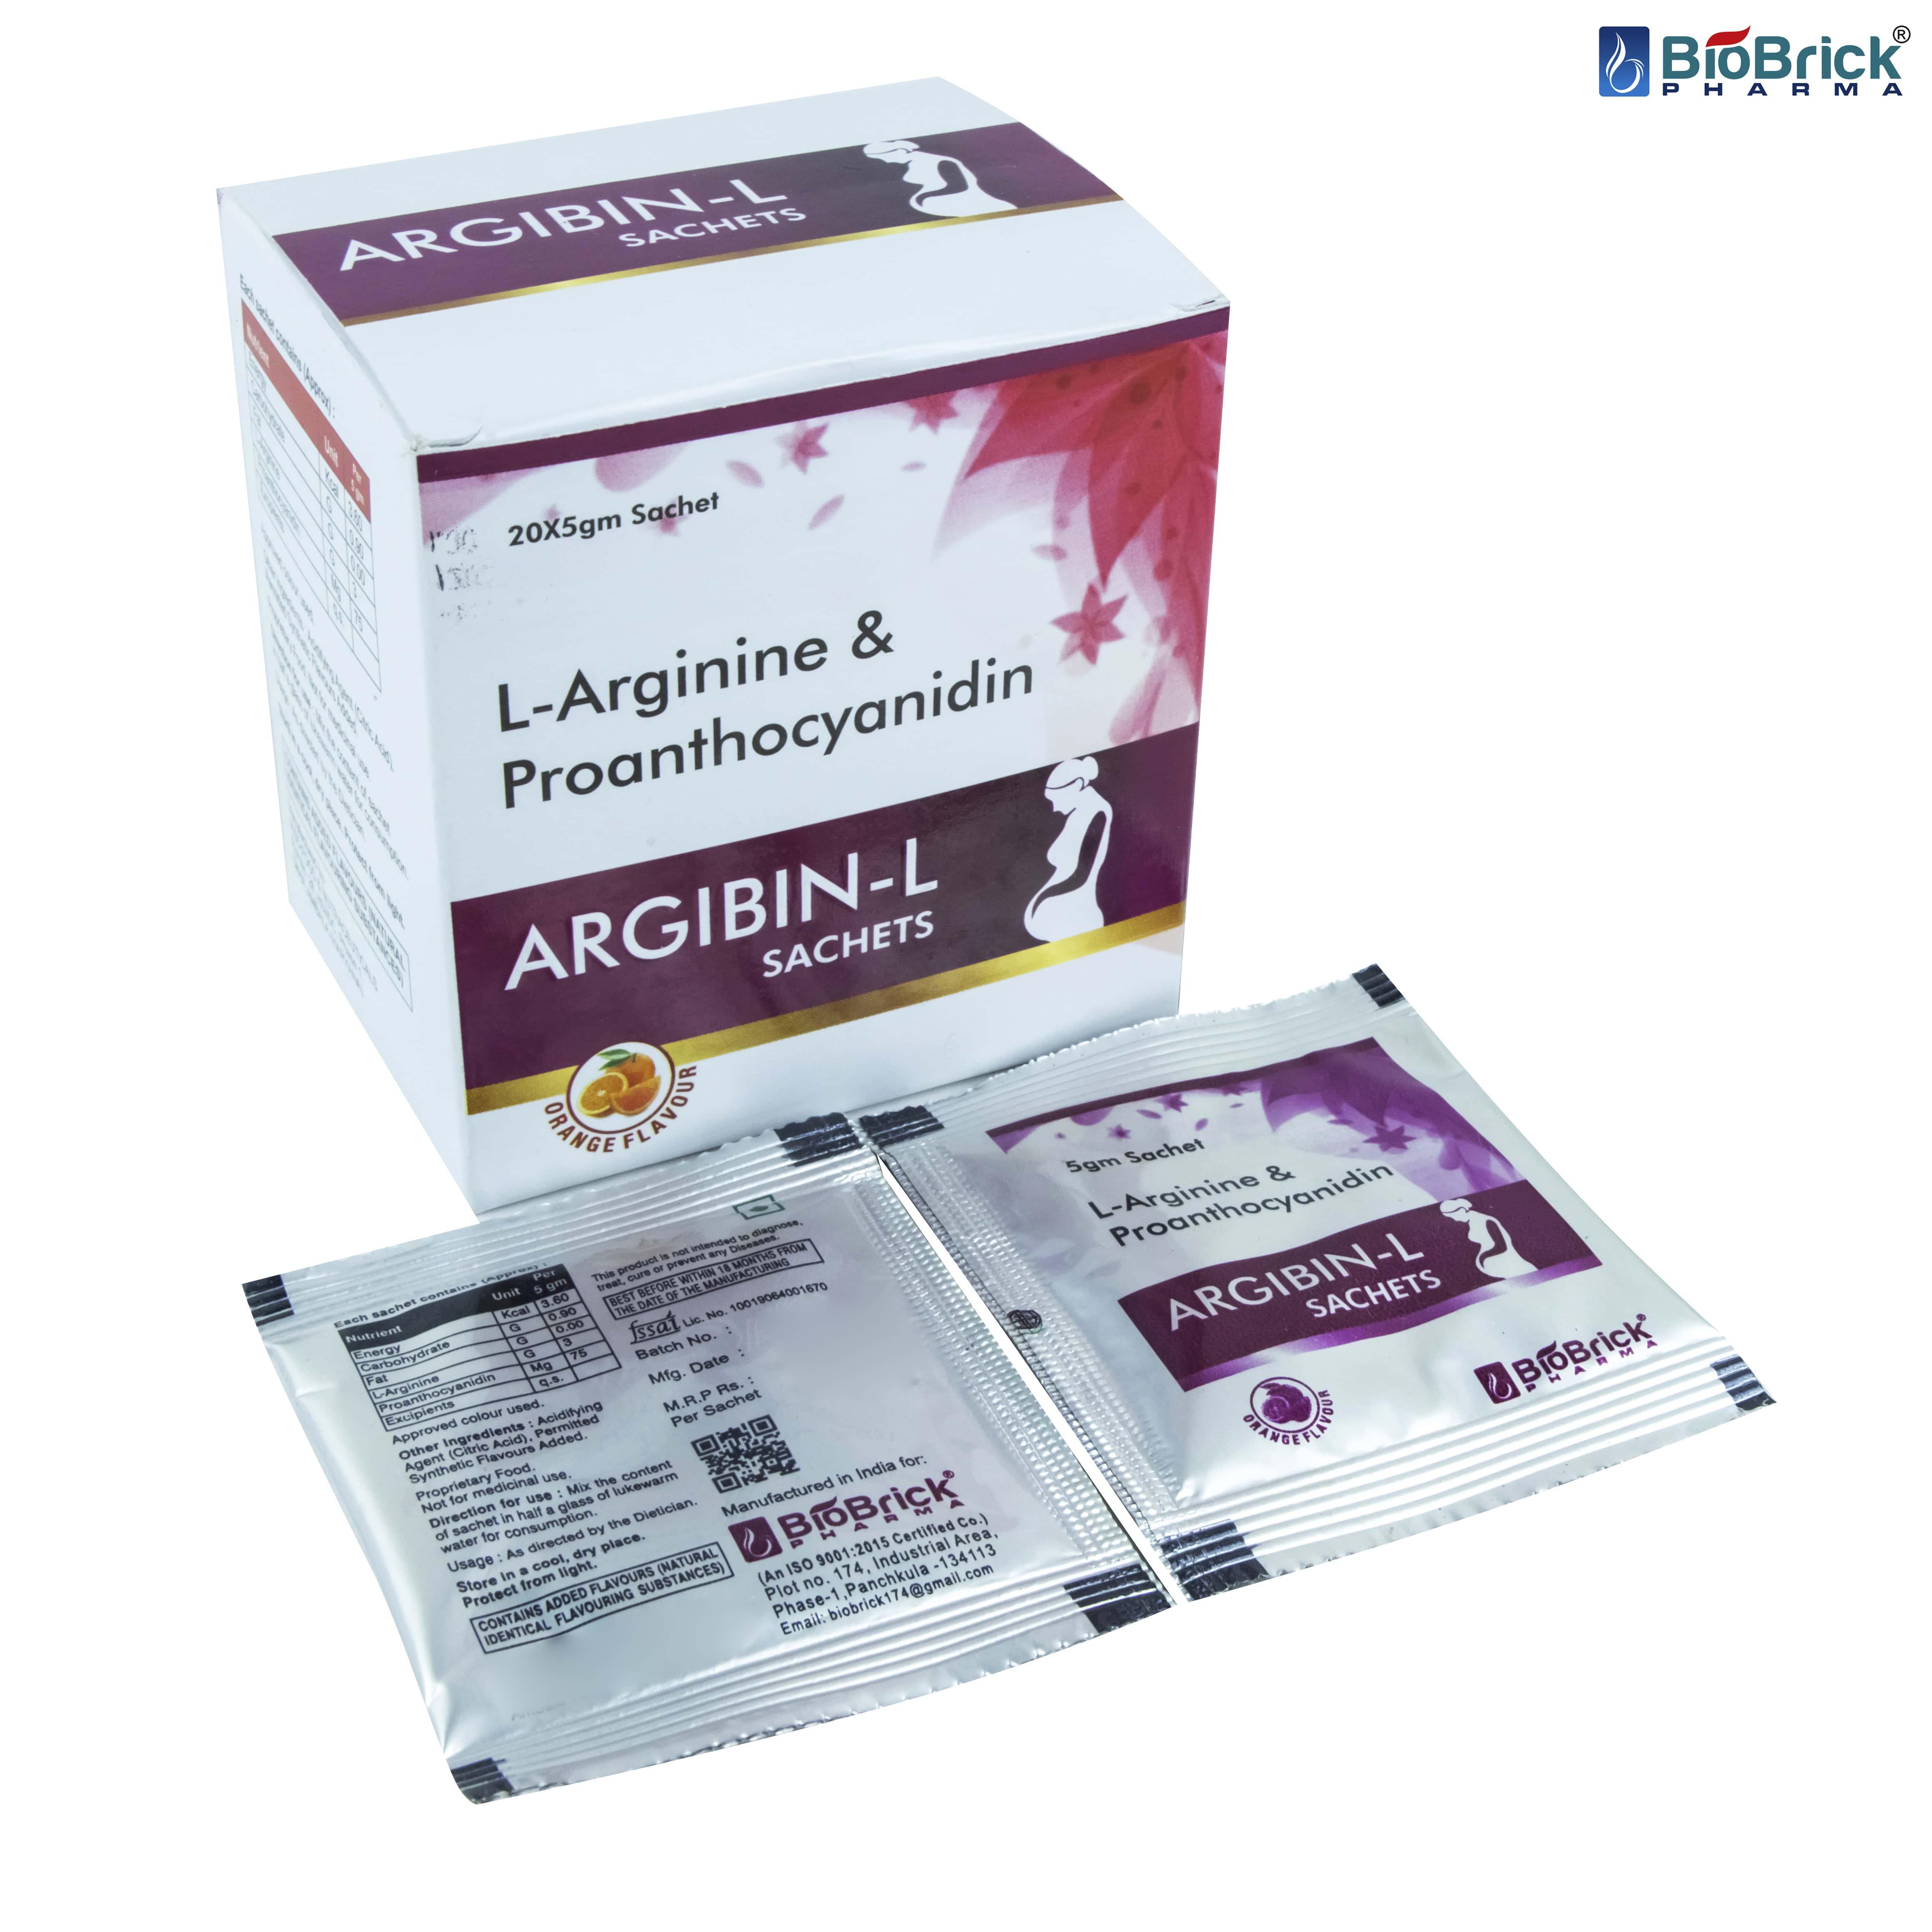 L-Arginine & Proanthocyanidin